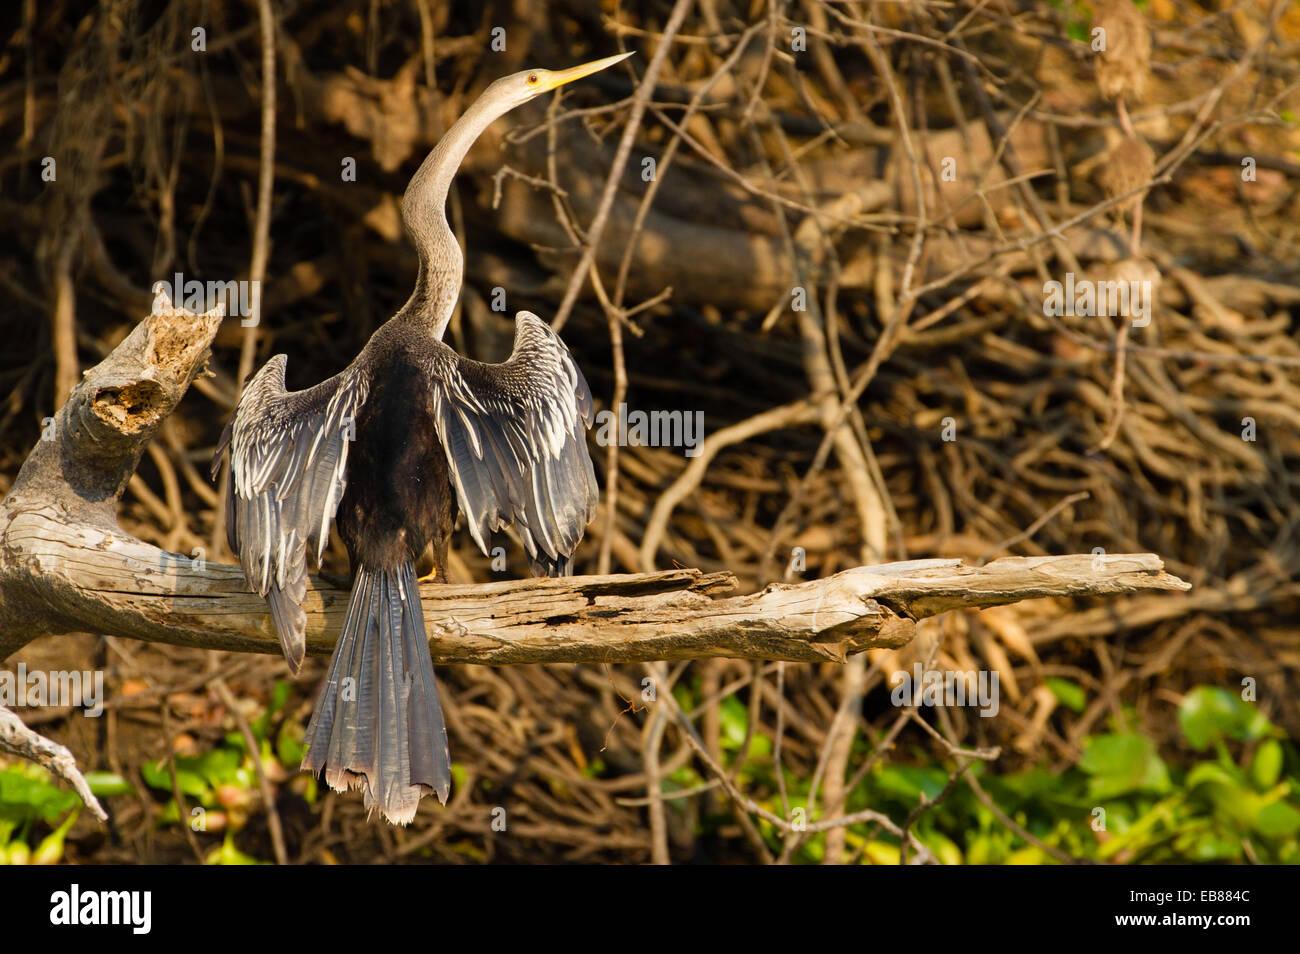 Anhinga (Anhinga anhinga) or Snakebird - Stock Image